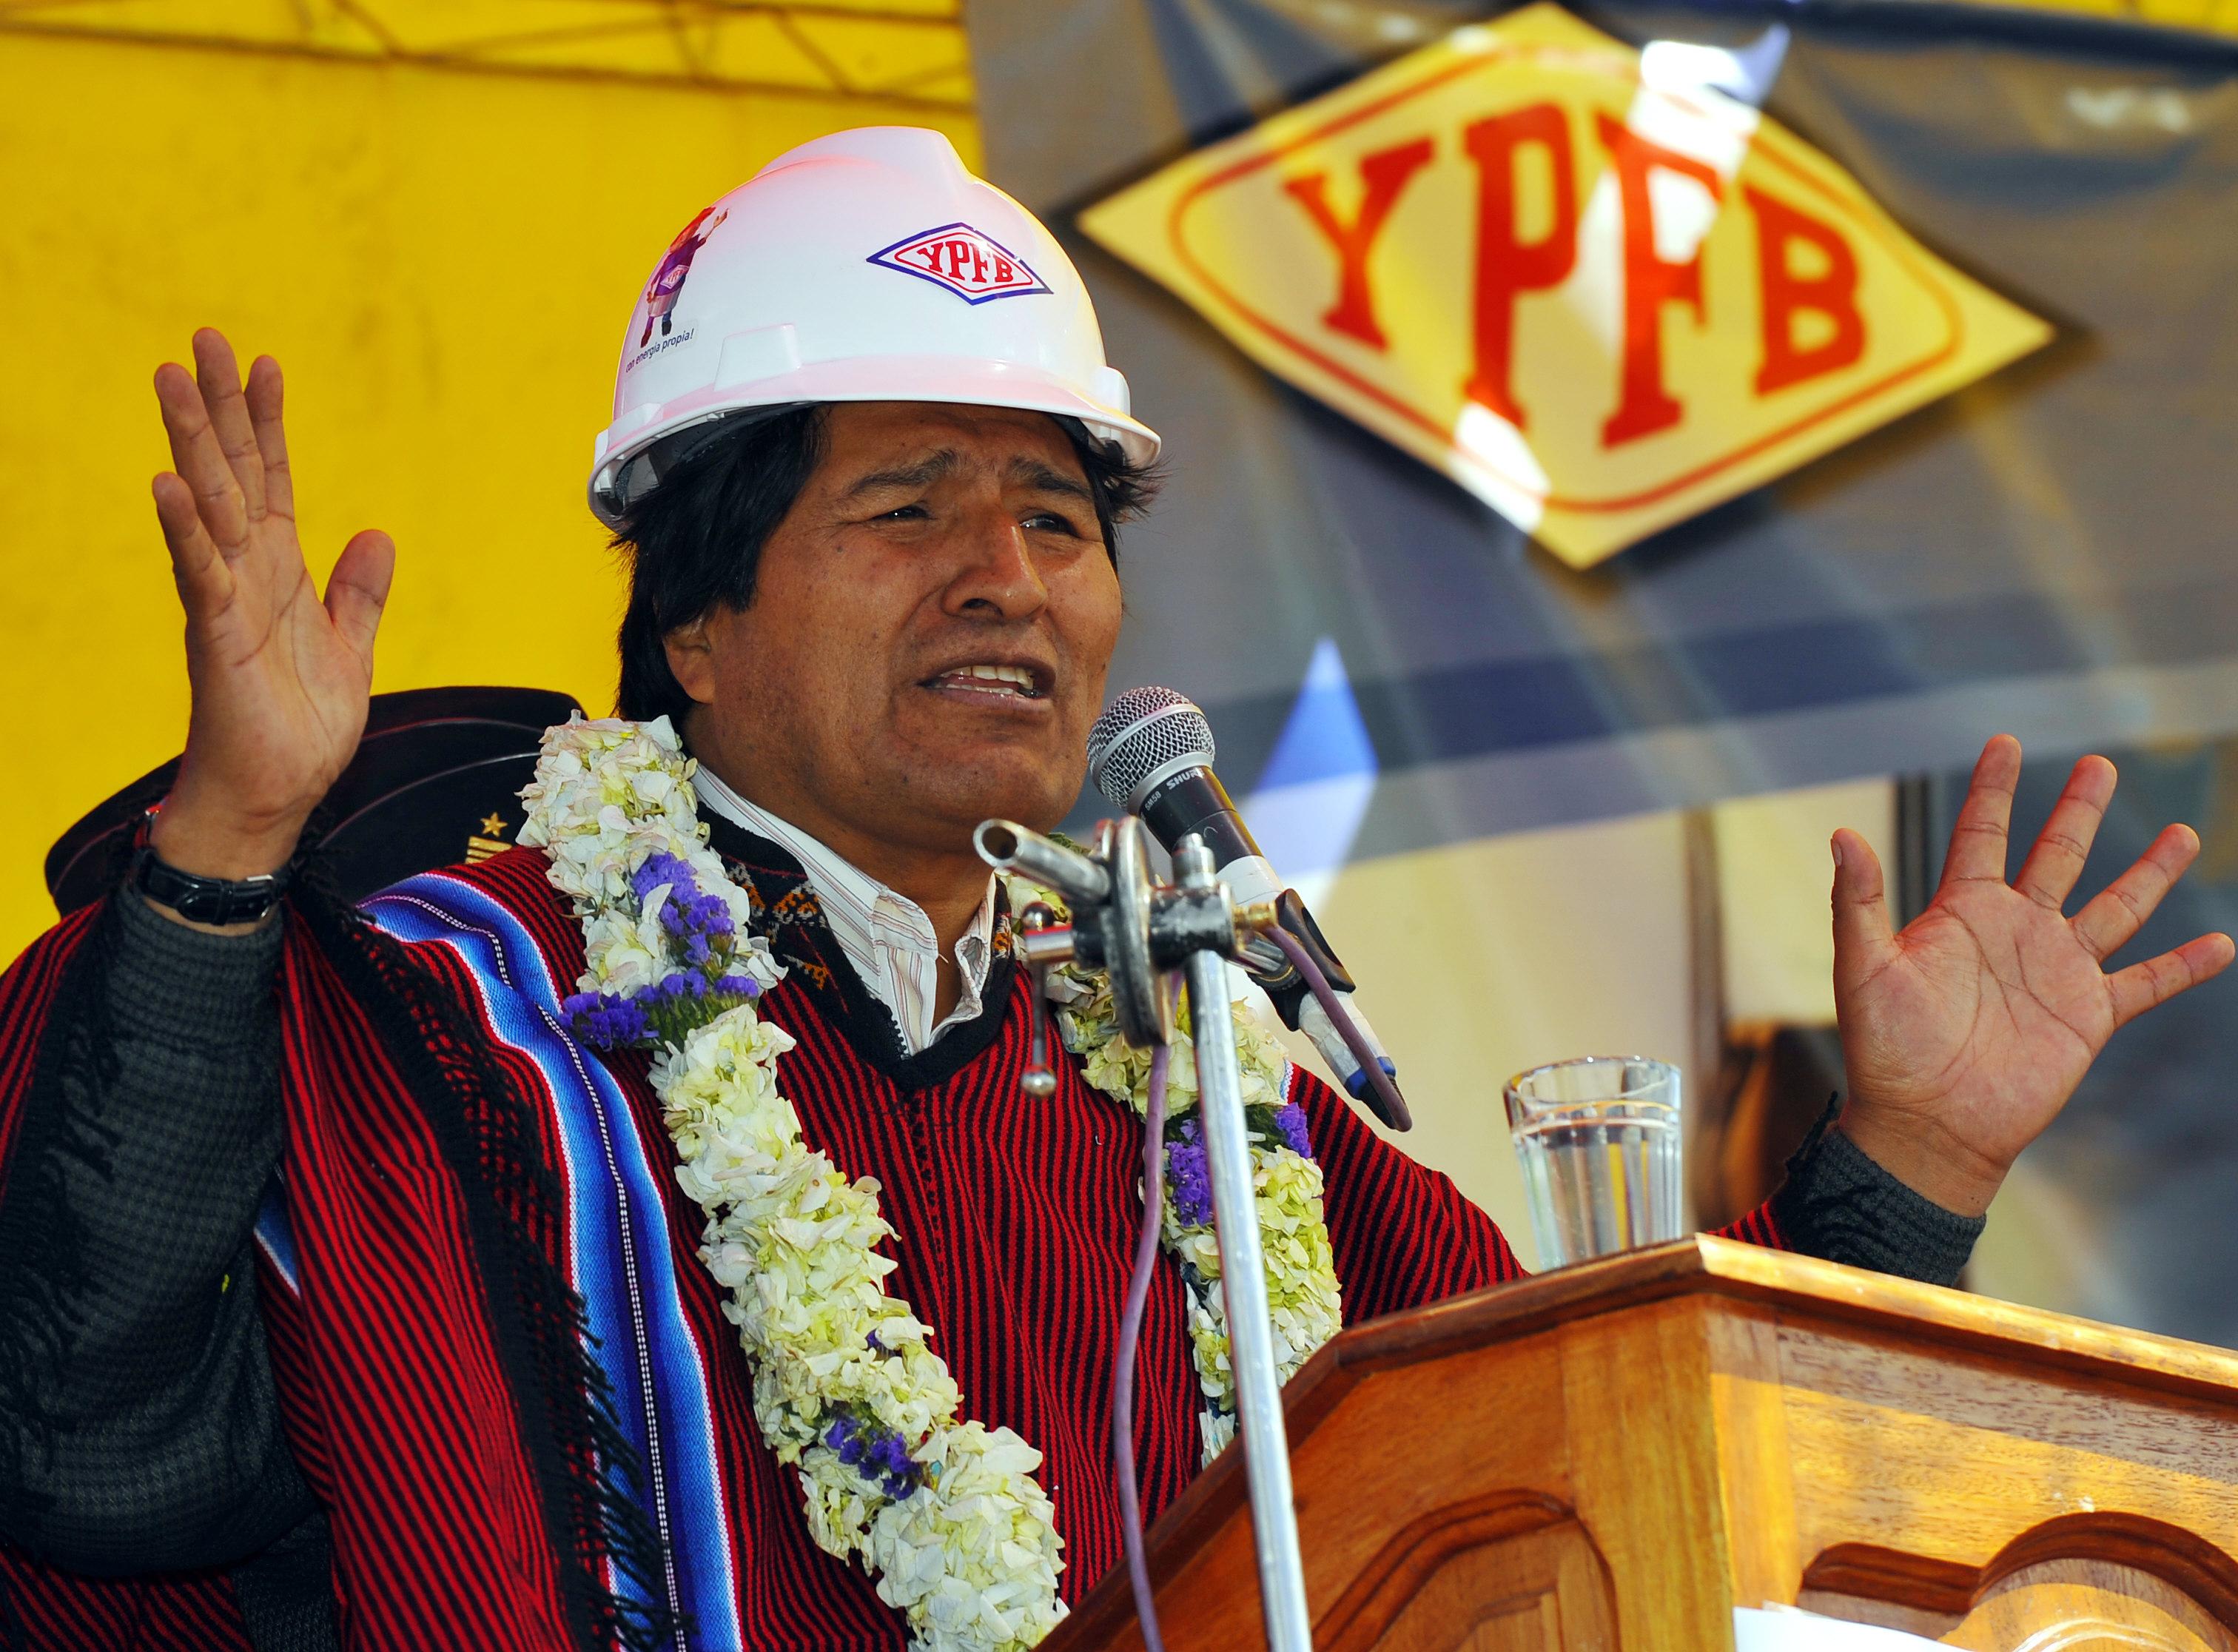 אוו מוראלס, נשיא בוליביה בטקס של חברת הנפט הלאומית